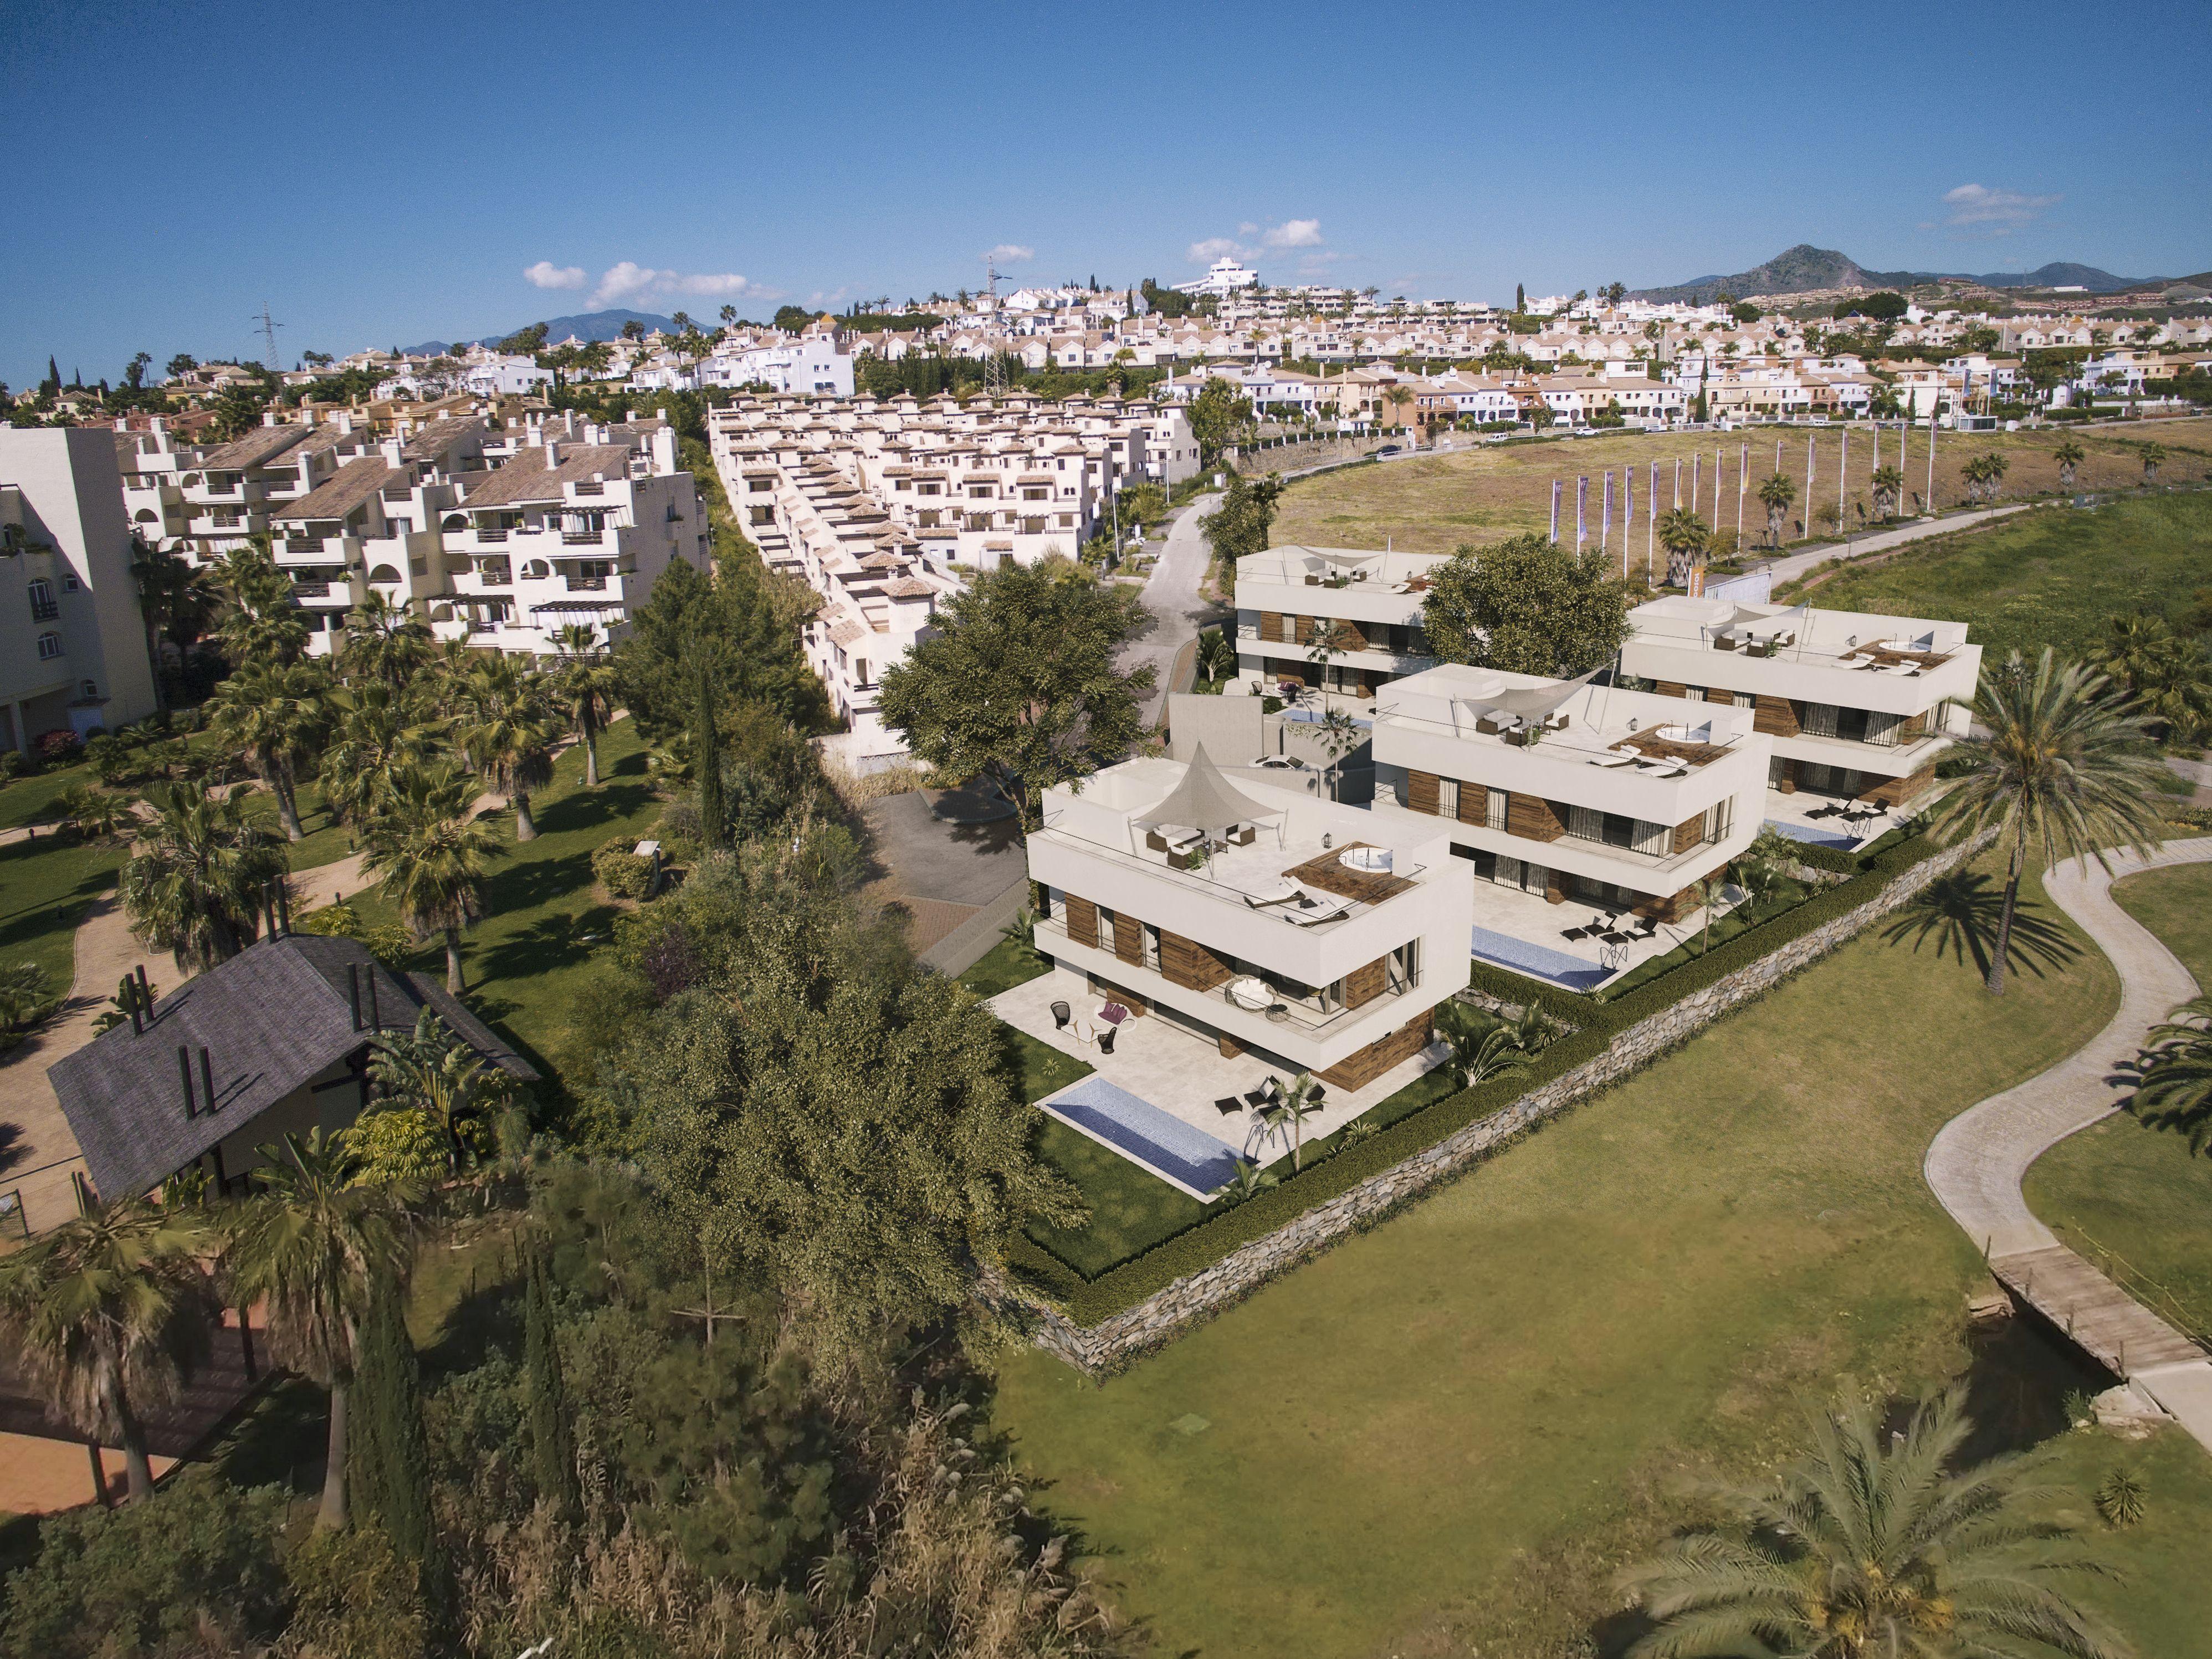 vista-dron-Render-Integracion-3D-Campanario-Marbella